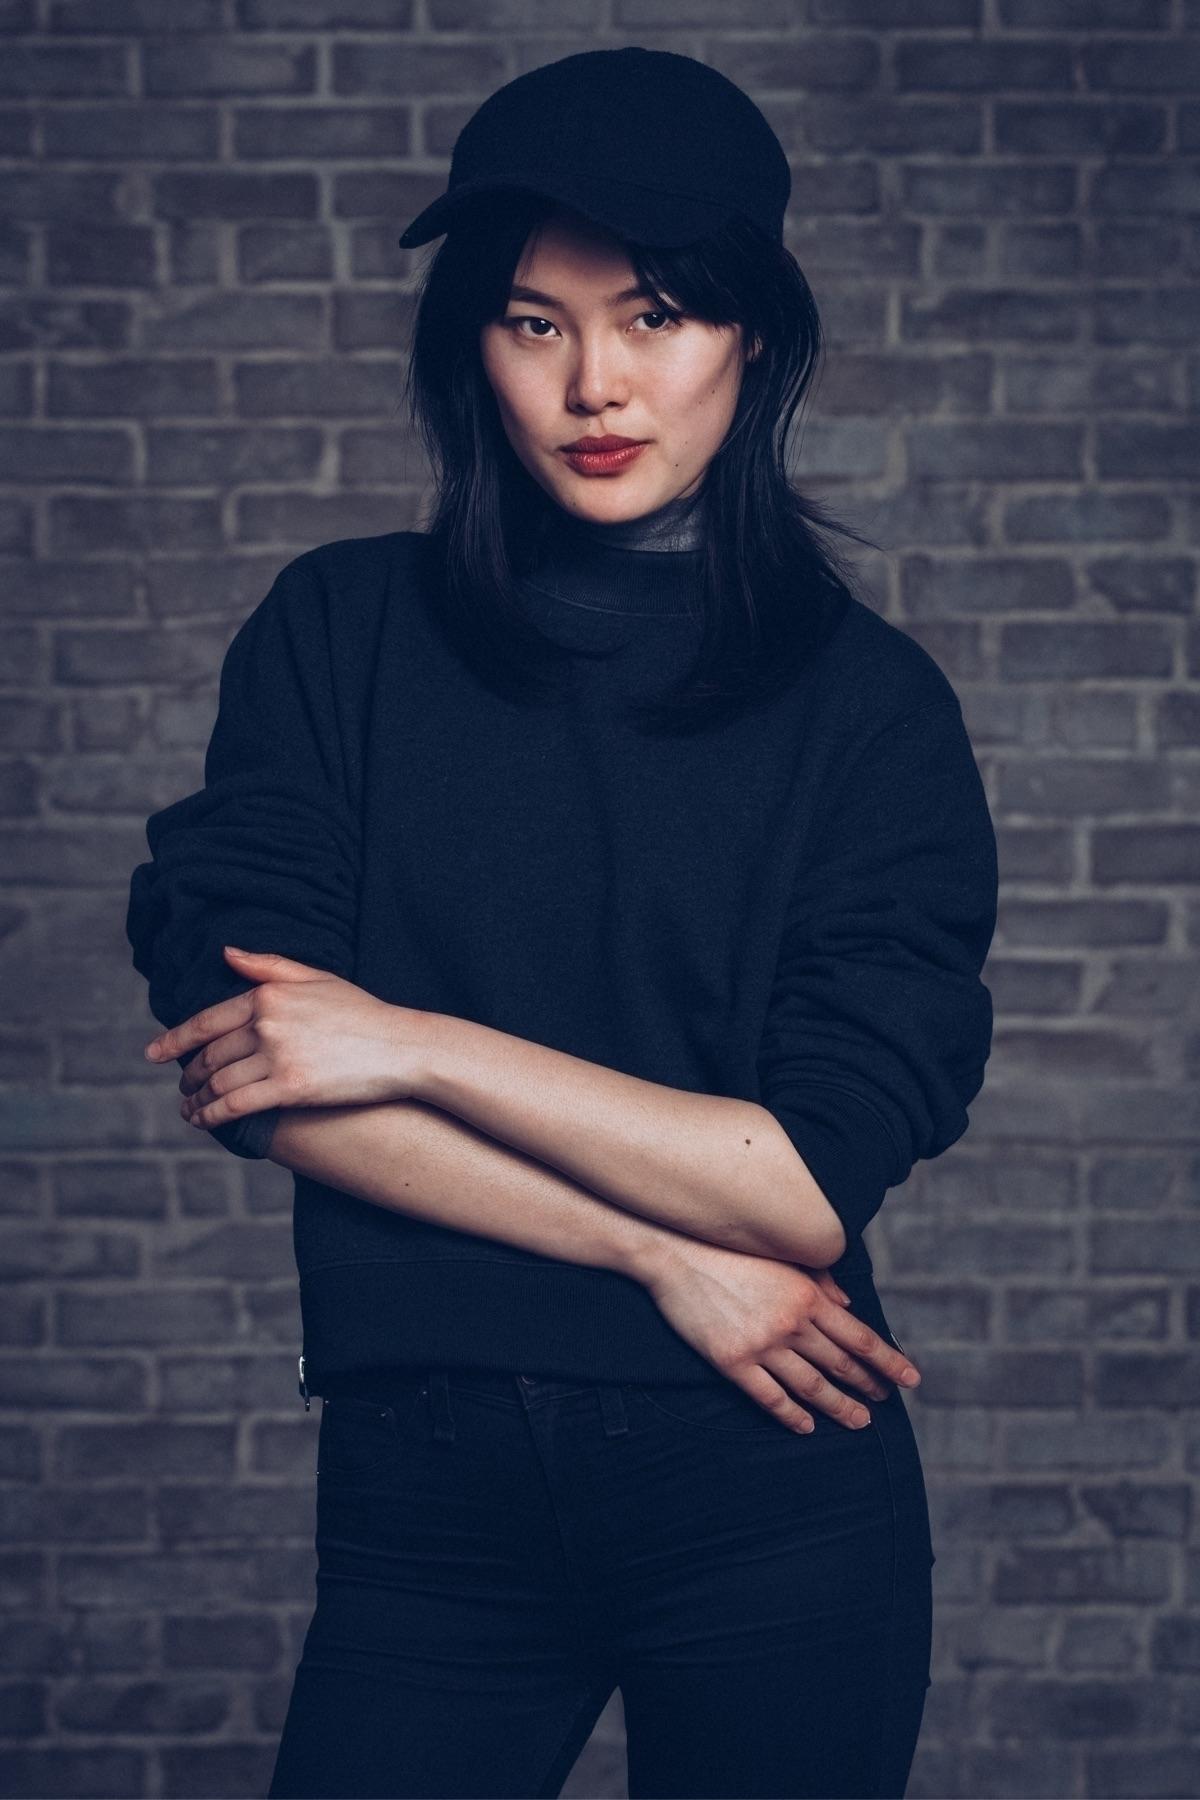 Chen Yu / 2017 - ajschokora | ello